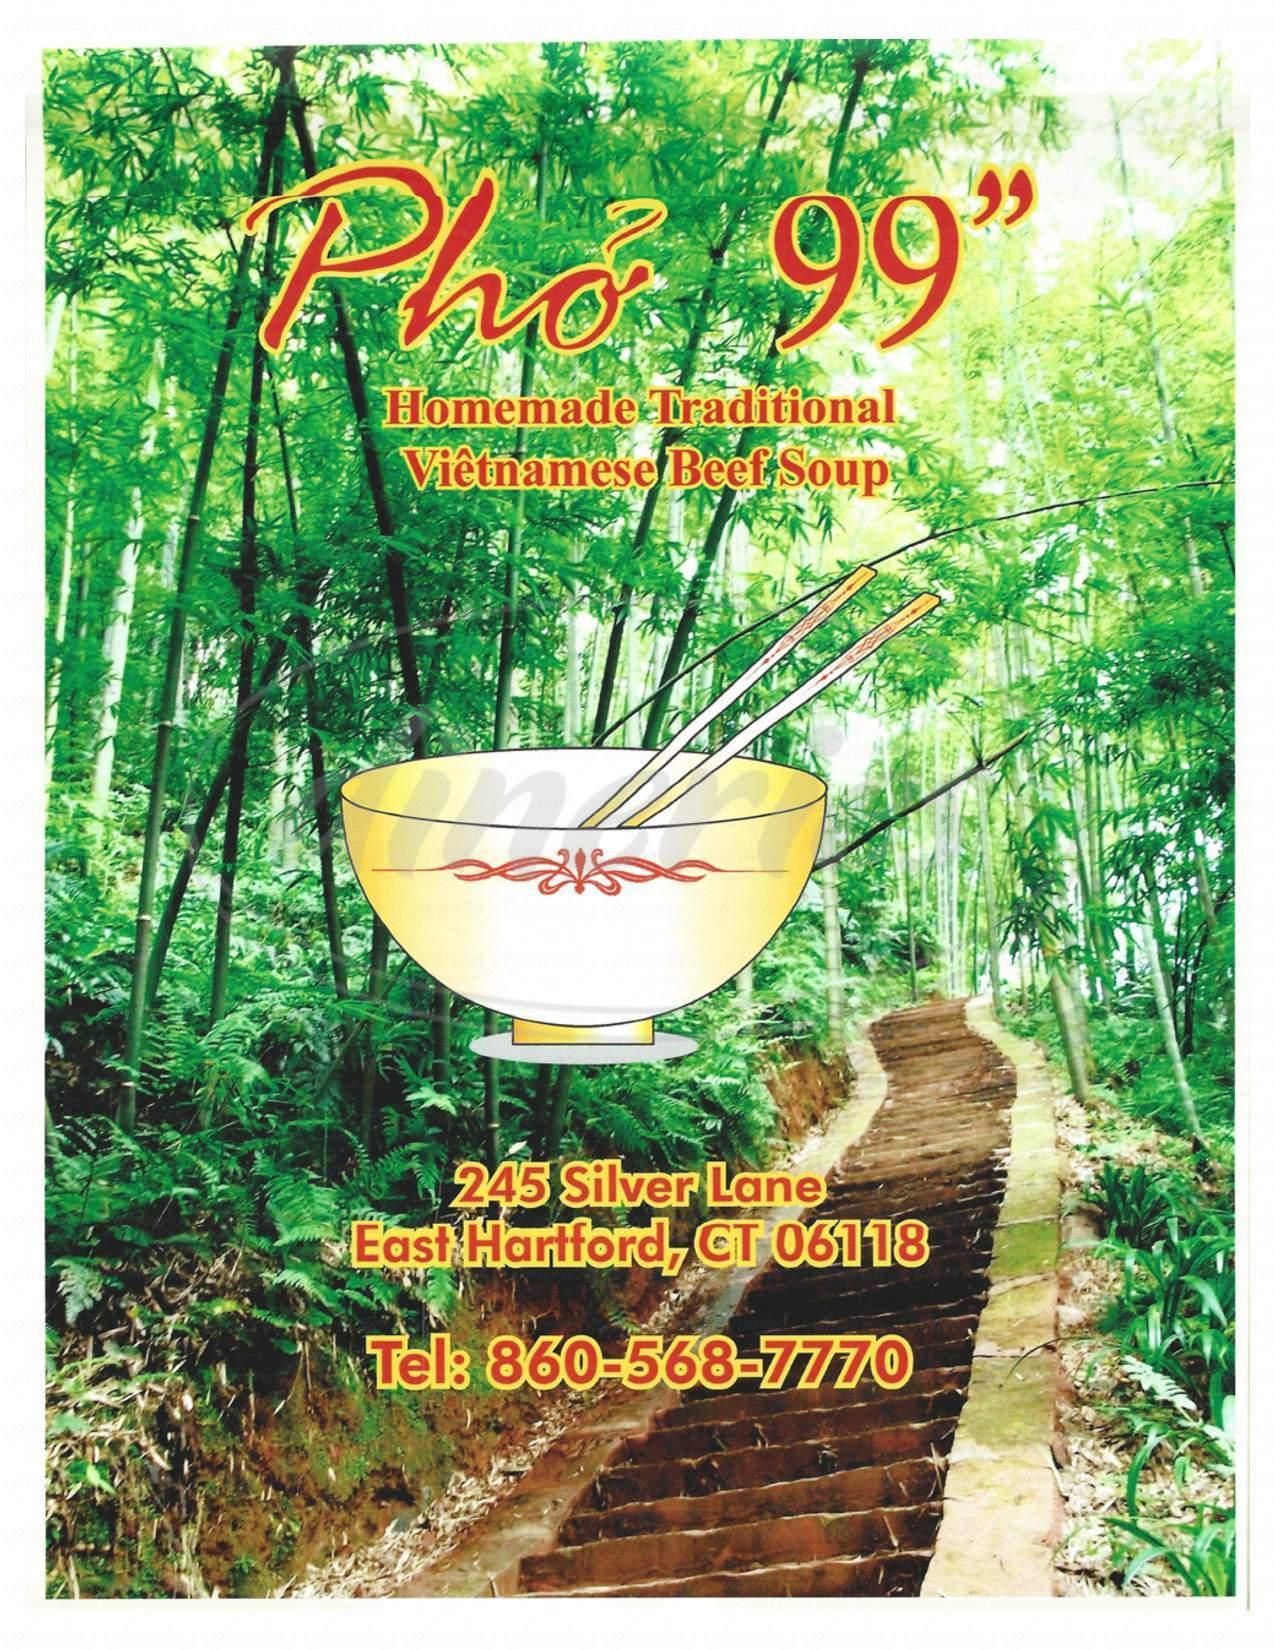 menu for Pho 99